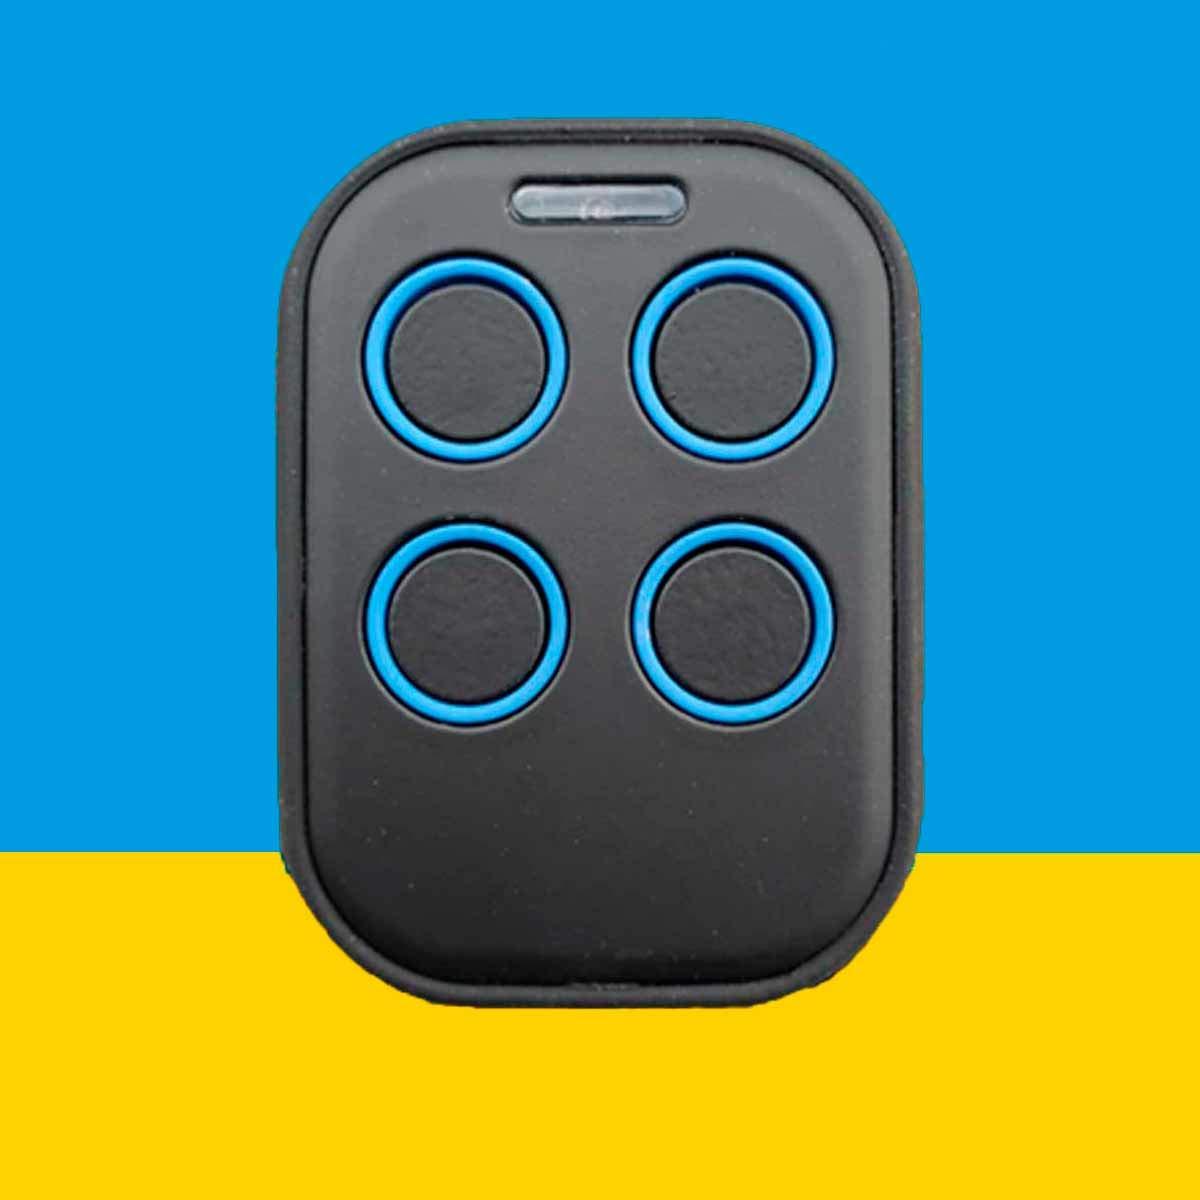 Mando de Garaje Universal MULTI MINI compatible con el 95% de mandos de garaje product